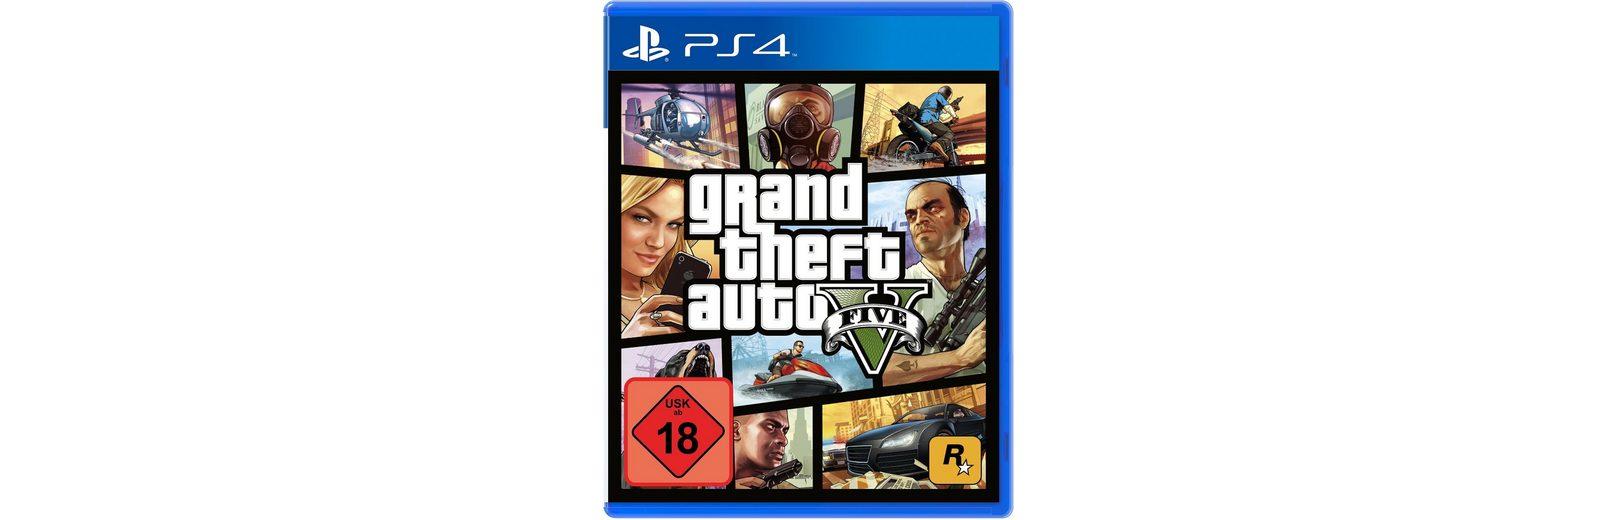 Grand Theft Auto 5 (GTA V) PlayStation 4